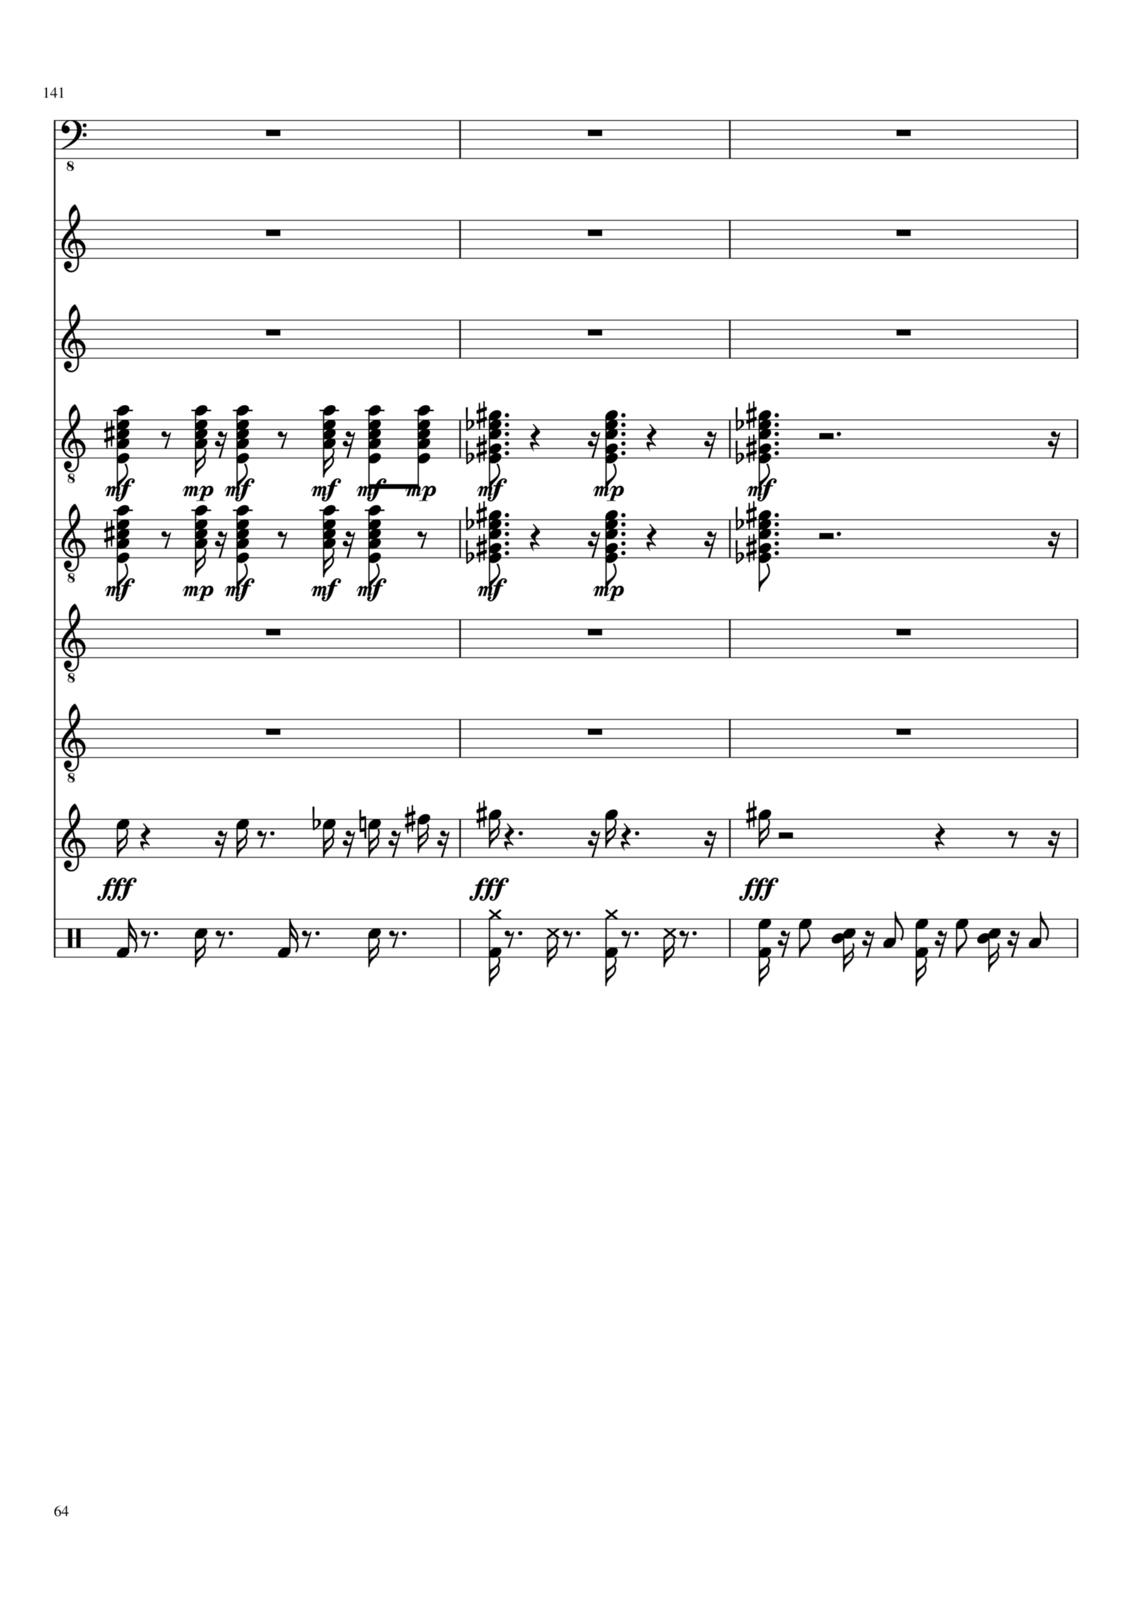 Serdtse slide, Image 64